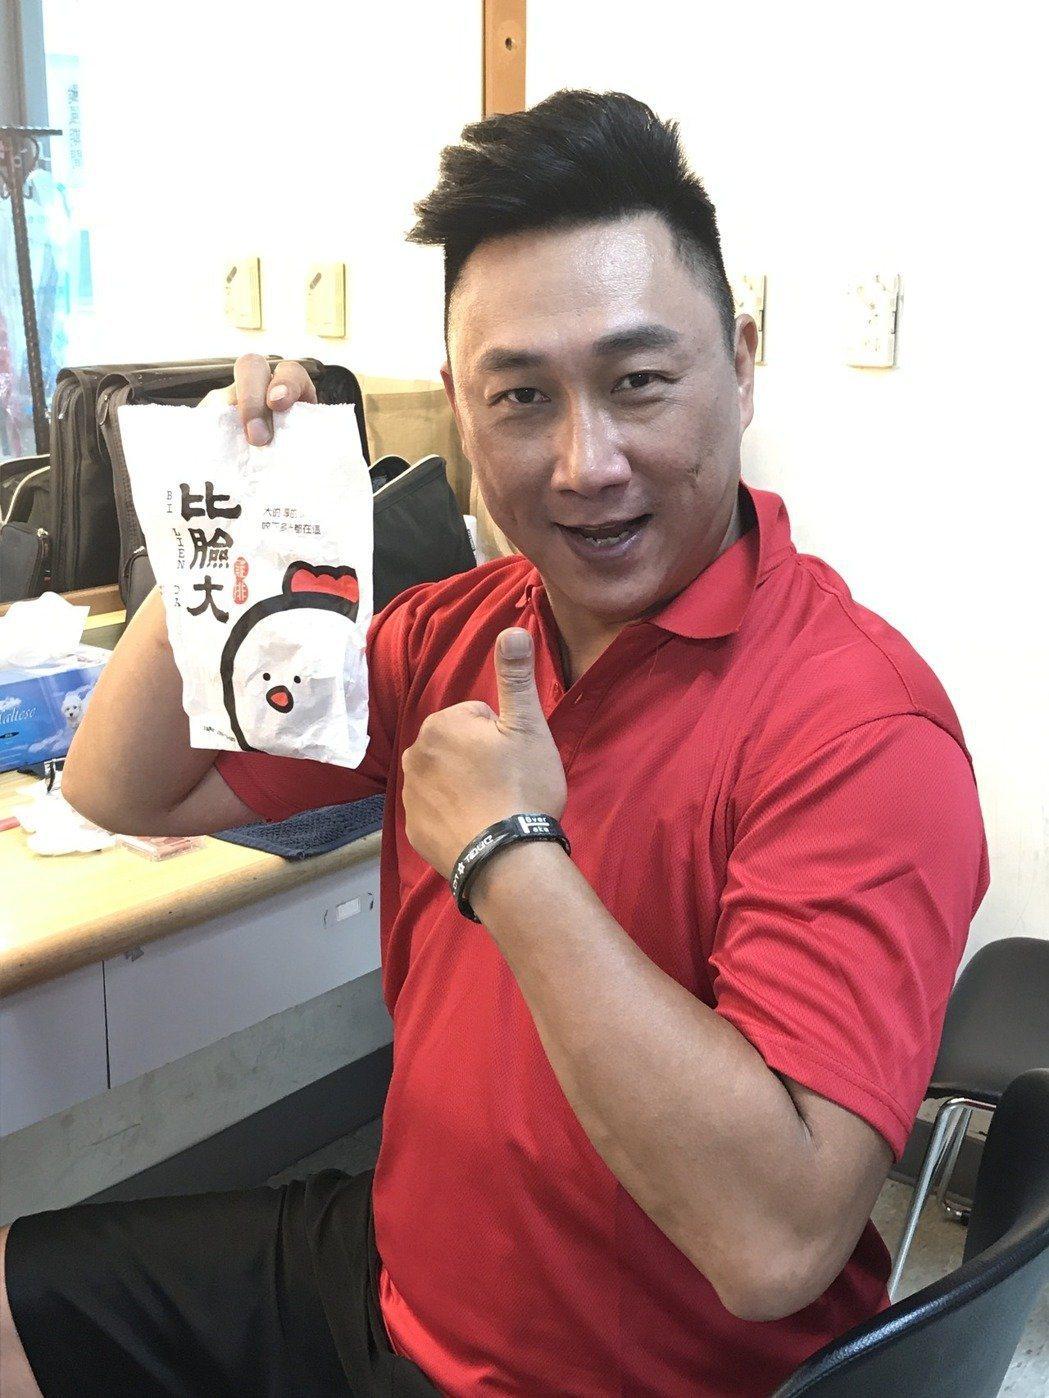 薛志正曾以雞排比臉還大創業雞排店,最後不敵合夥人出狀況而收場。本報資料照